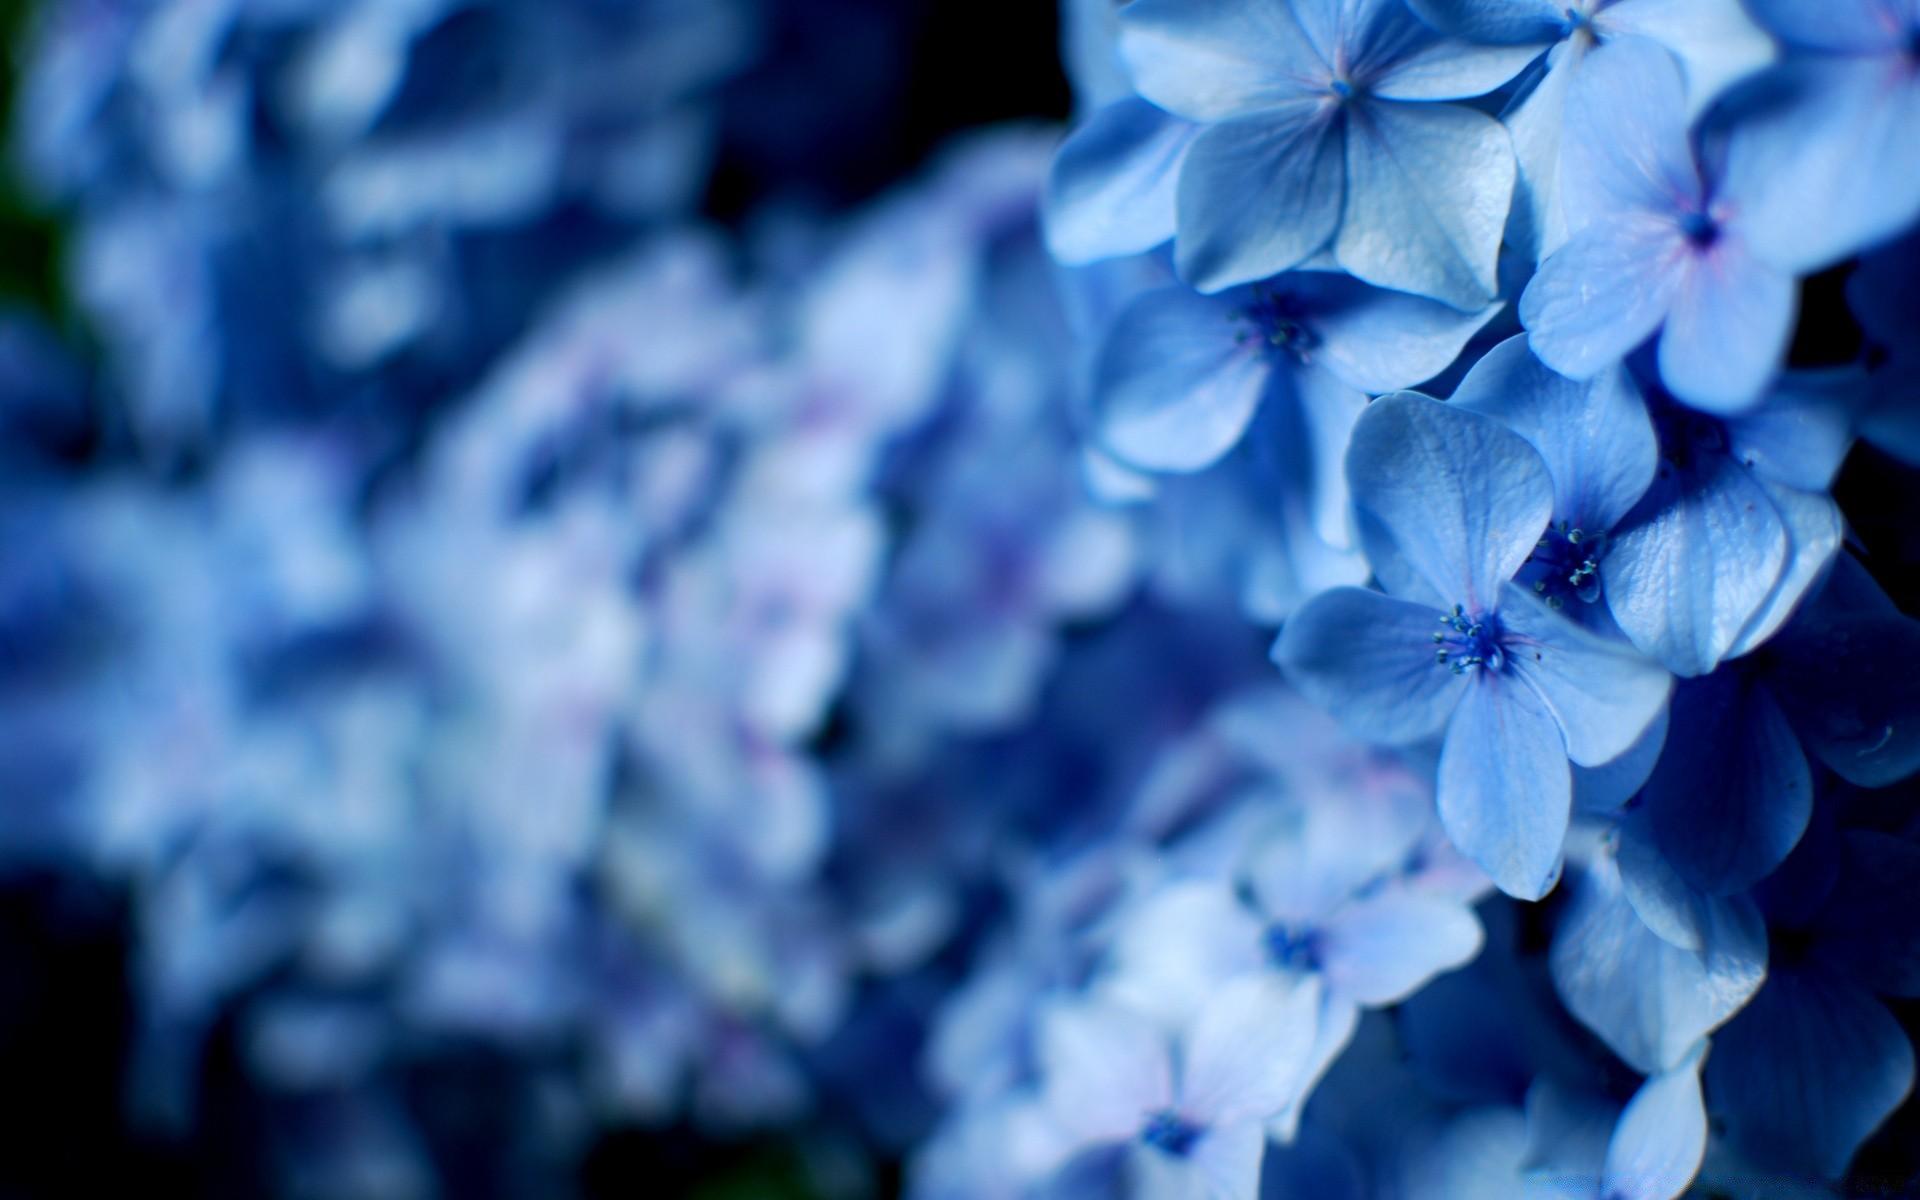 картинки синие цветы обои на телефон разбираем автомобили мини